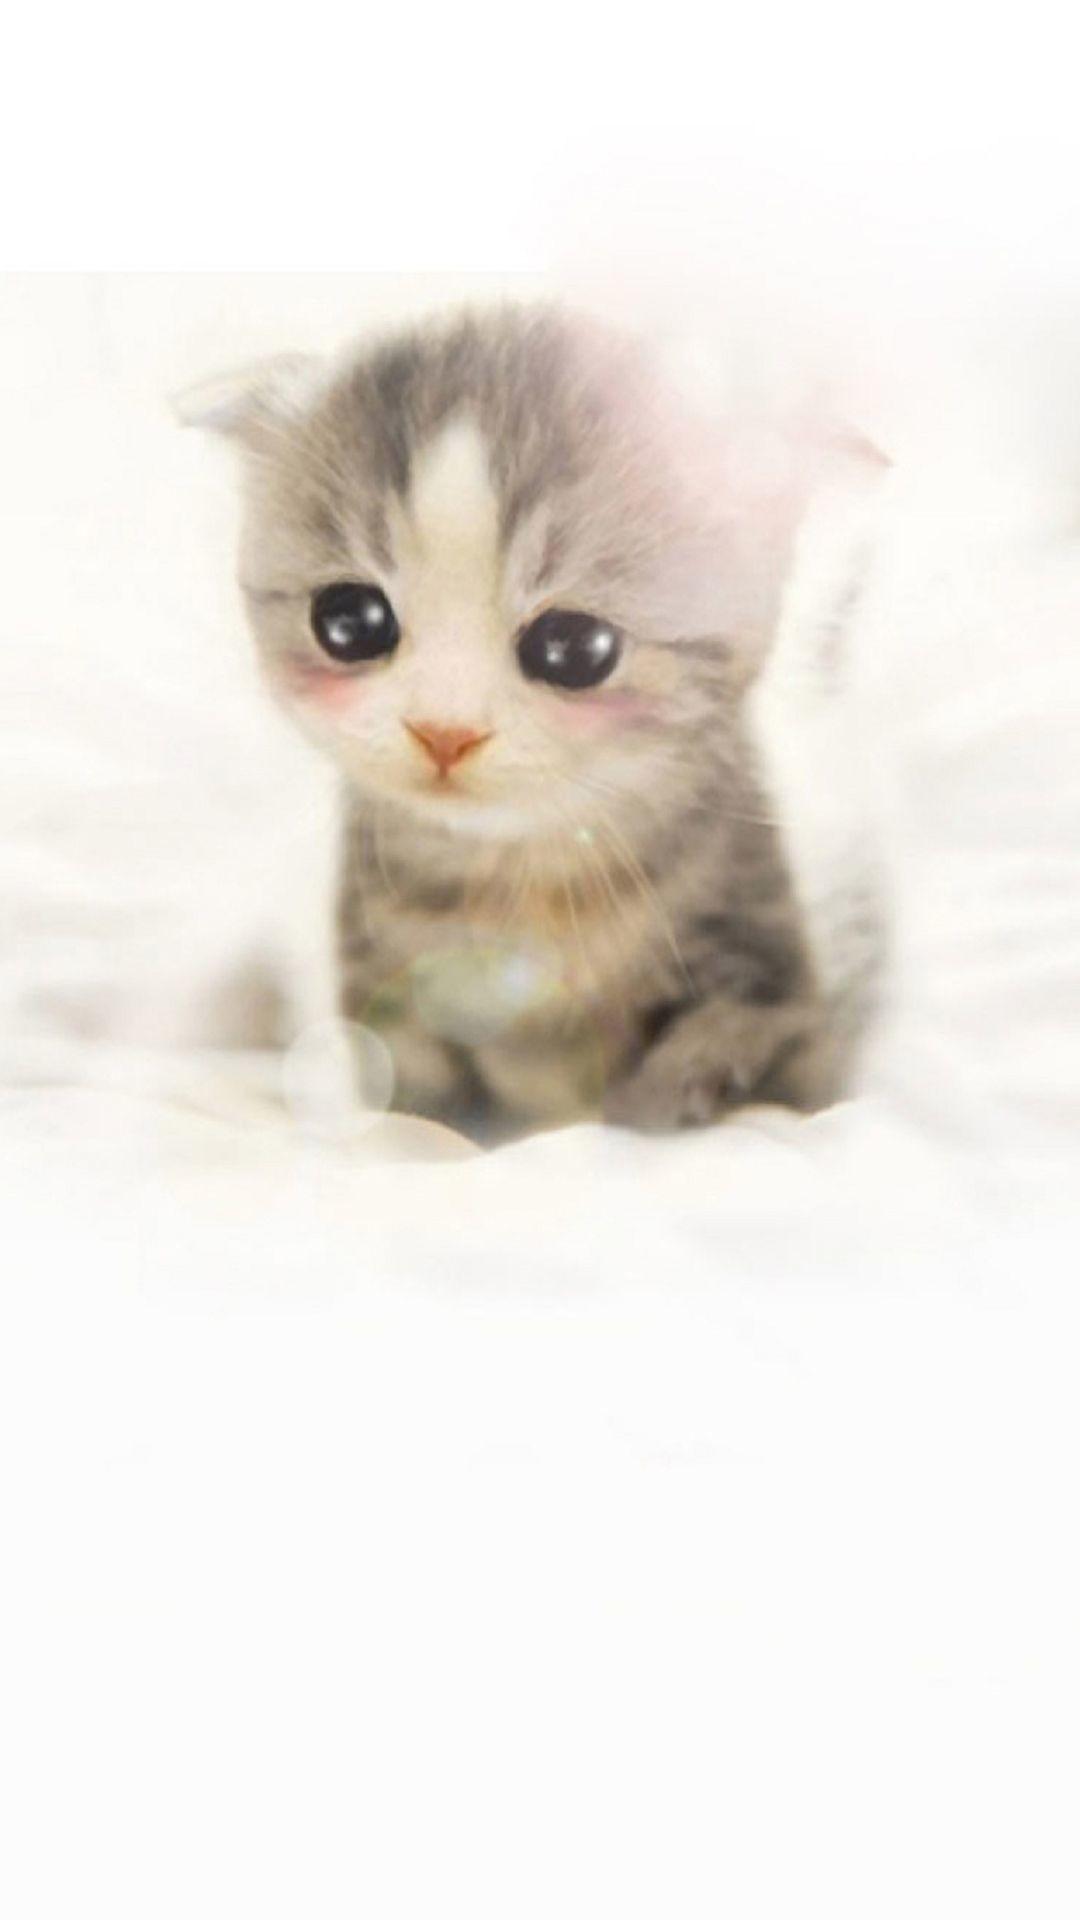 Cute Pikachu Iphone 5 Wallpaper Die 73 Besten S 252 223 E Tierbabys Hintergrundbilder